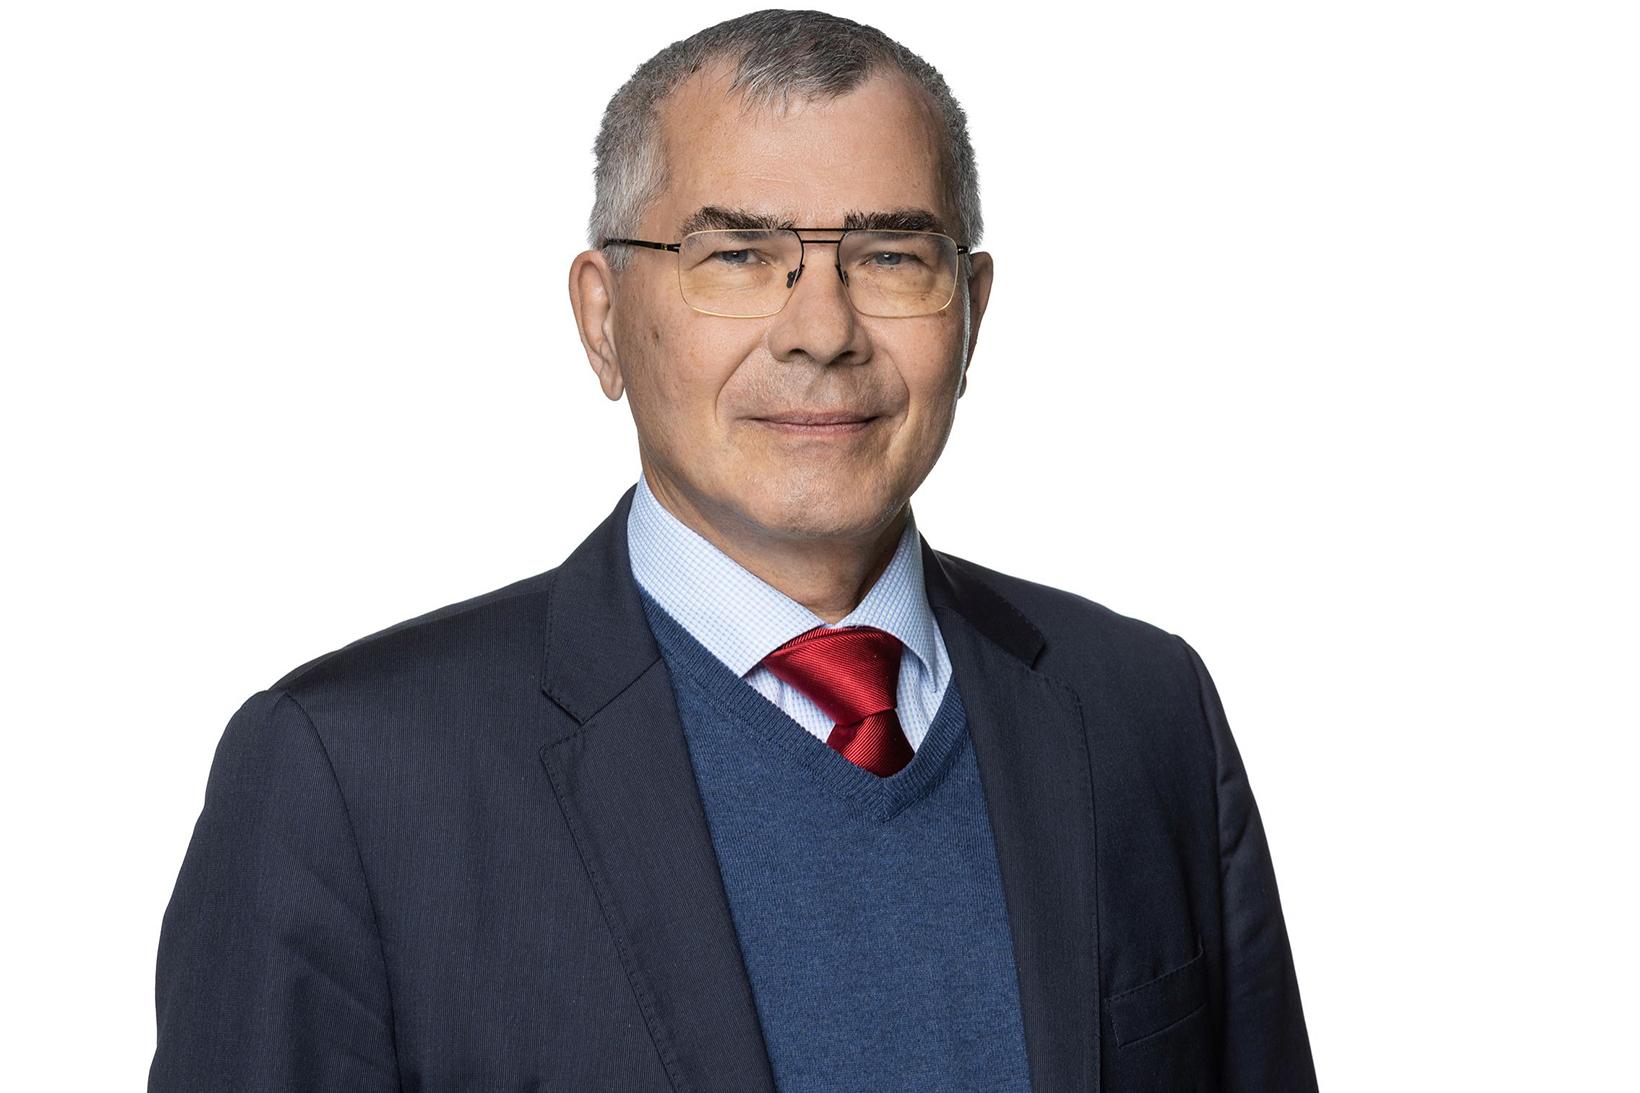 Hans Valentin Schroll